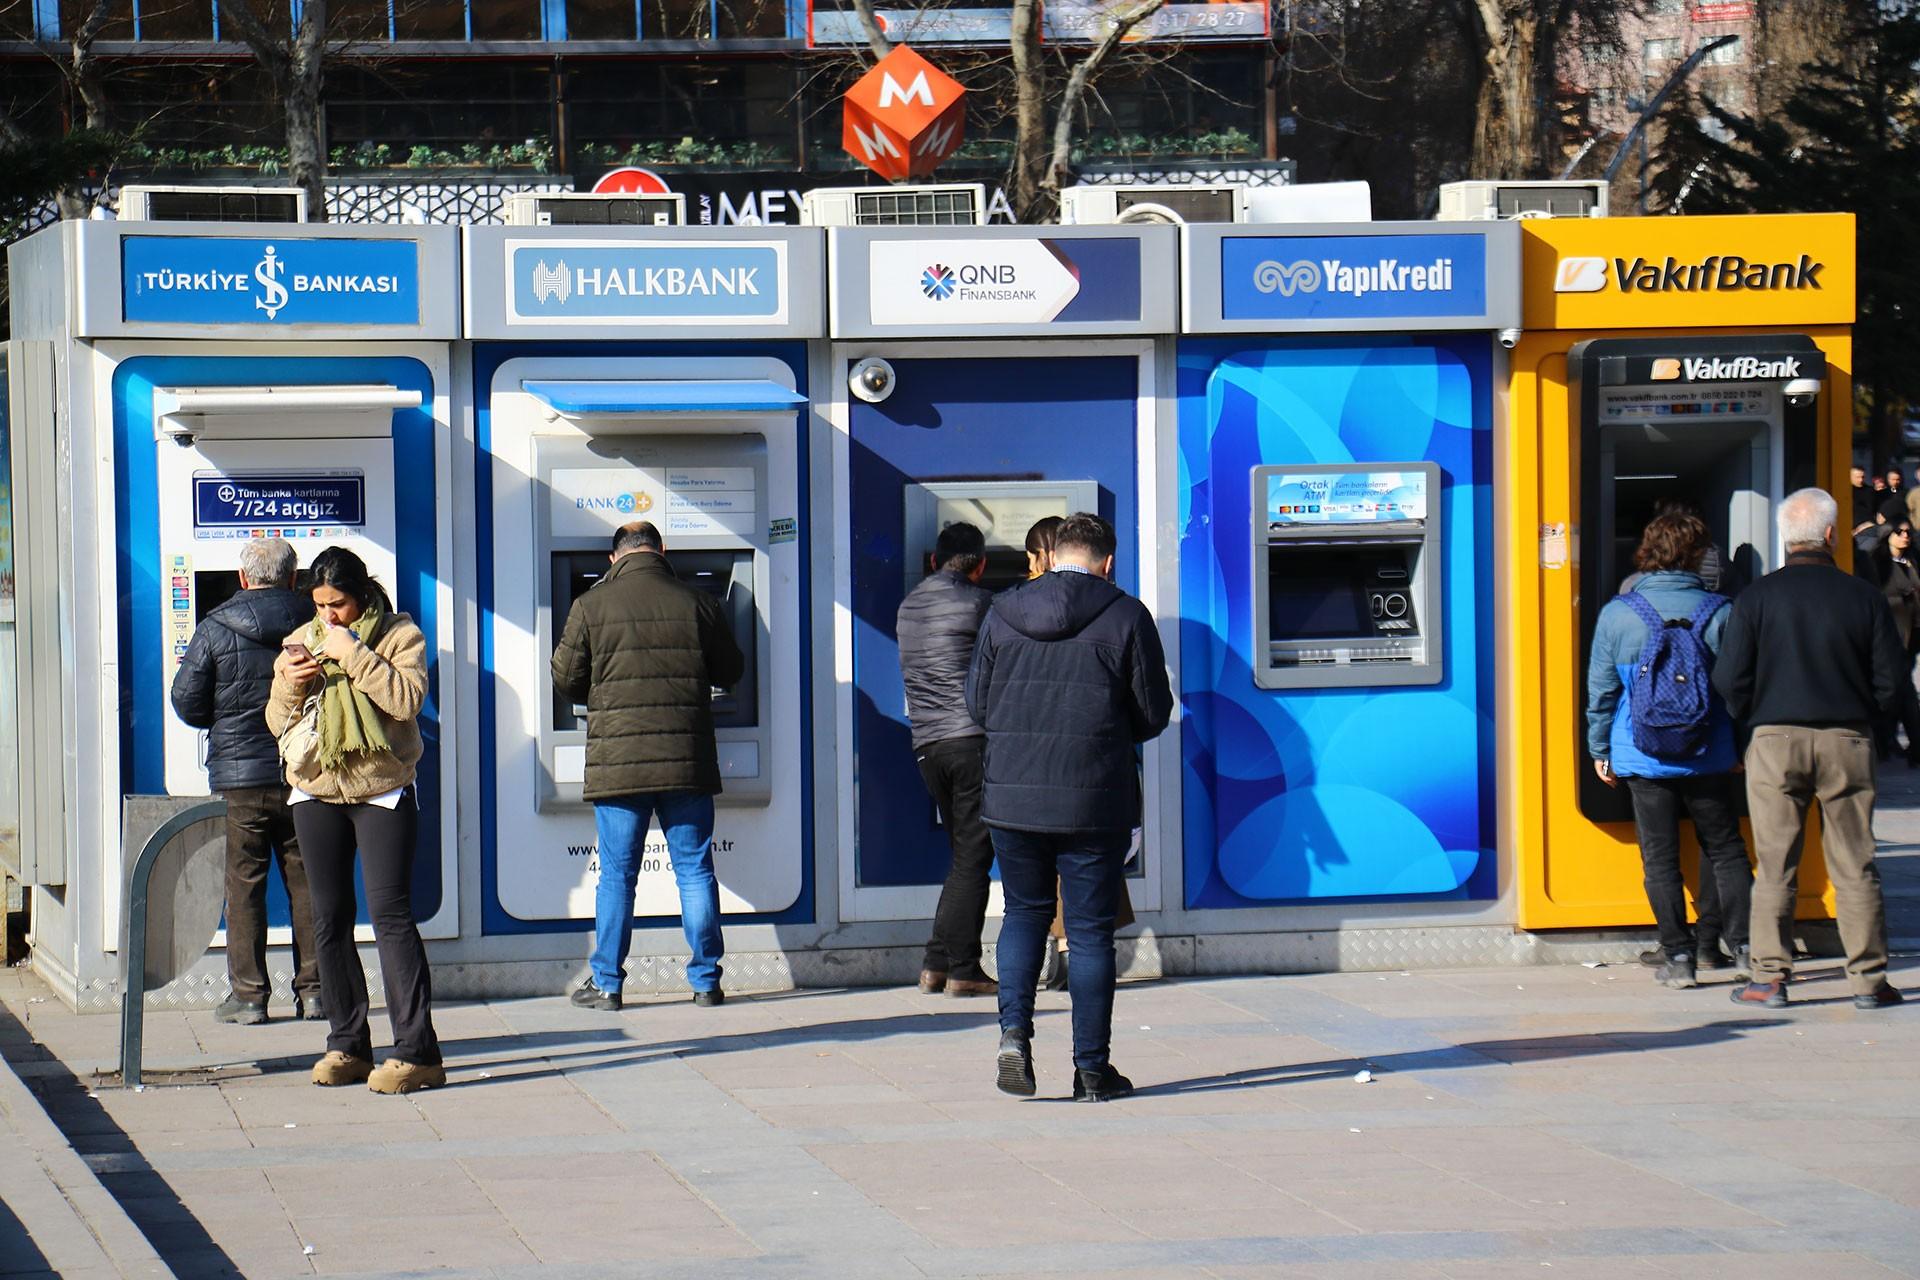 Bankamatiklerde sıra bekleyen yurttaşlar.